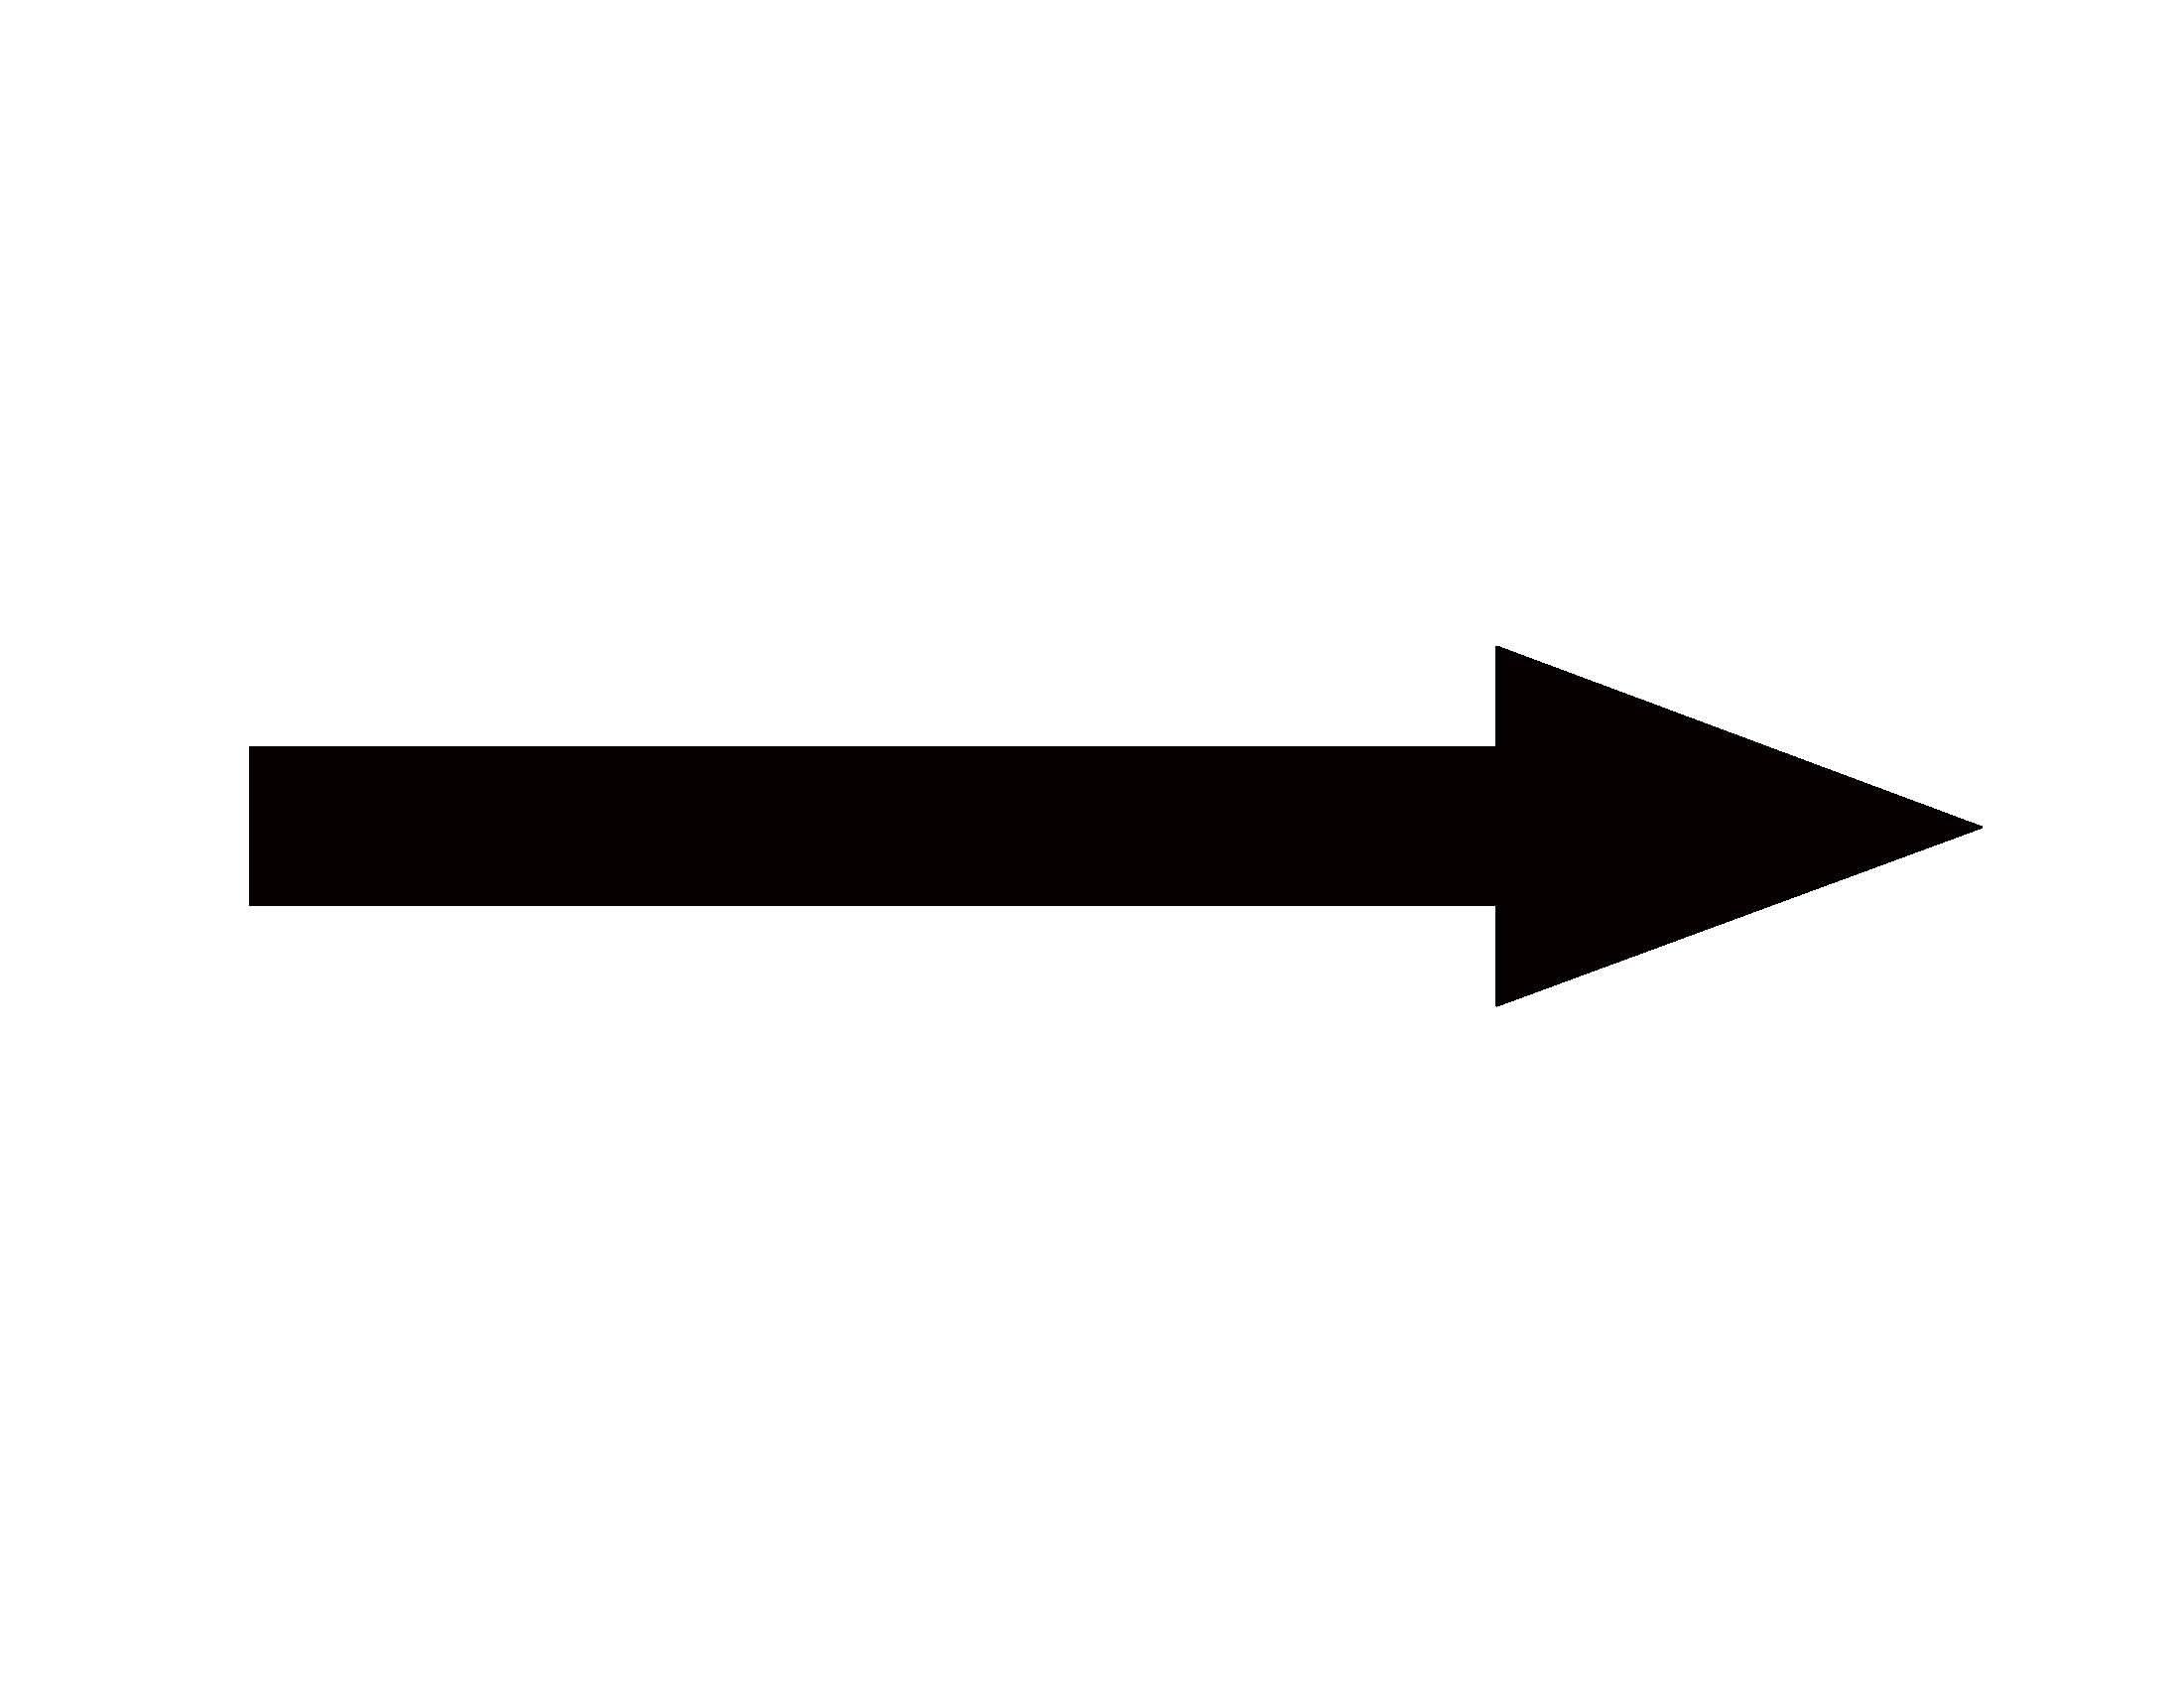 Arrows clip art.